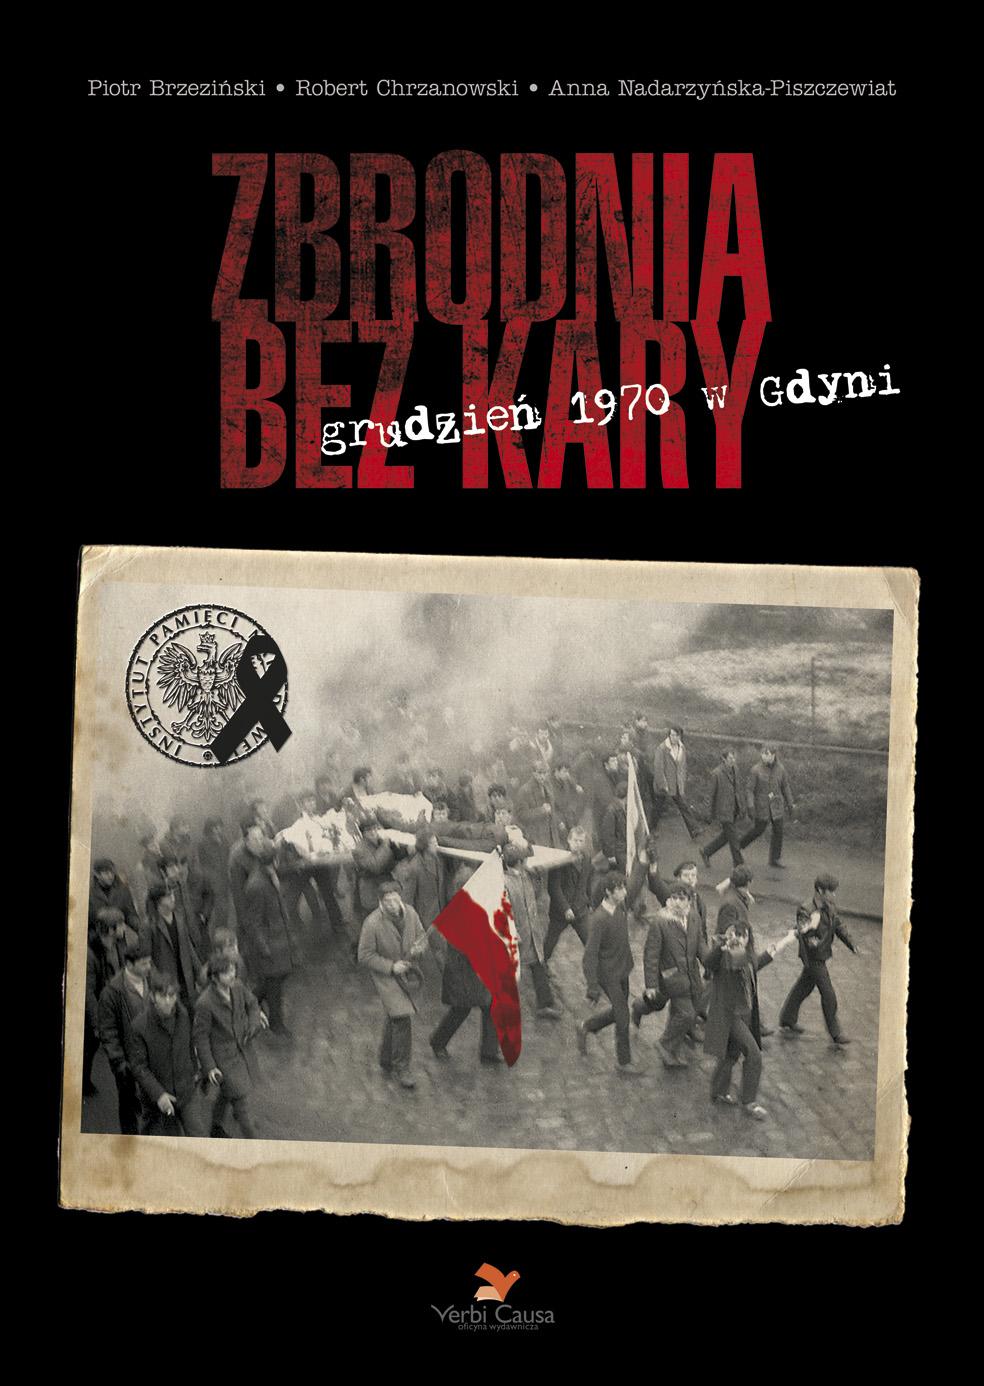 Zbrodnia bez kary. Grudzień 1970 w Gdyni. Przebieg wydarzeń, represje, walka o prawdę